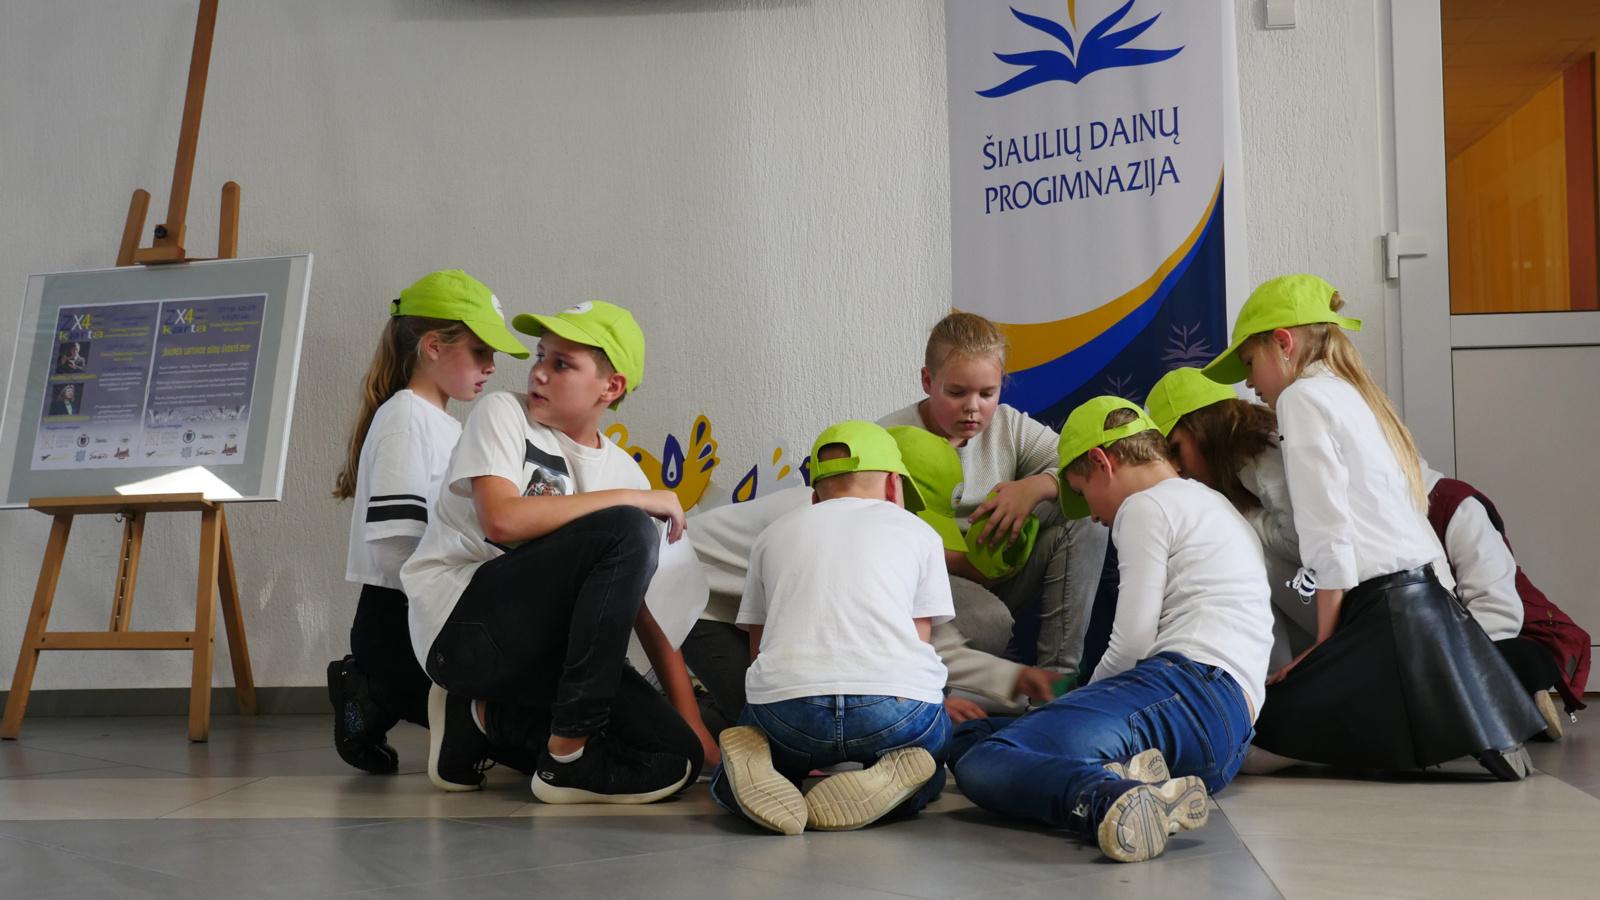 42-ojo Šiaulių Dainų progimnazijos gimtadienio savaitės renginiai